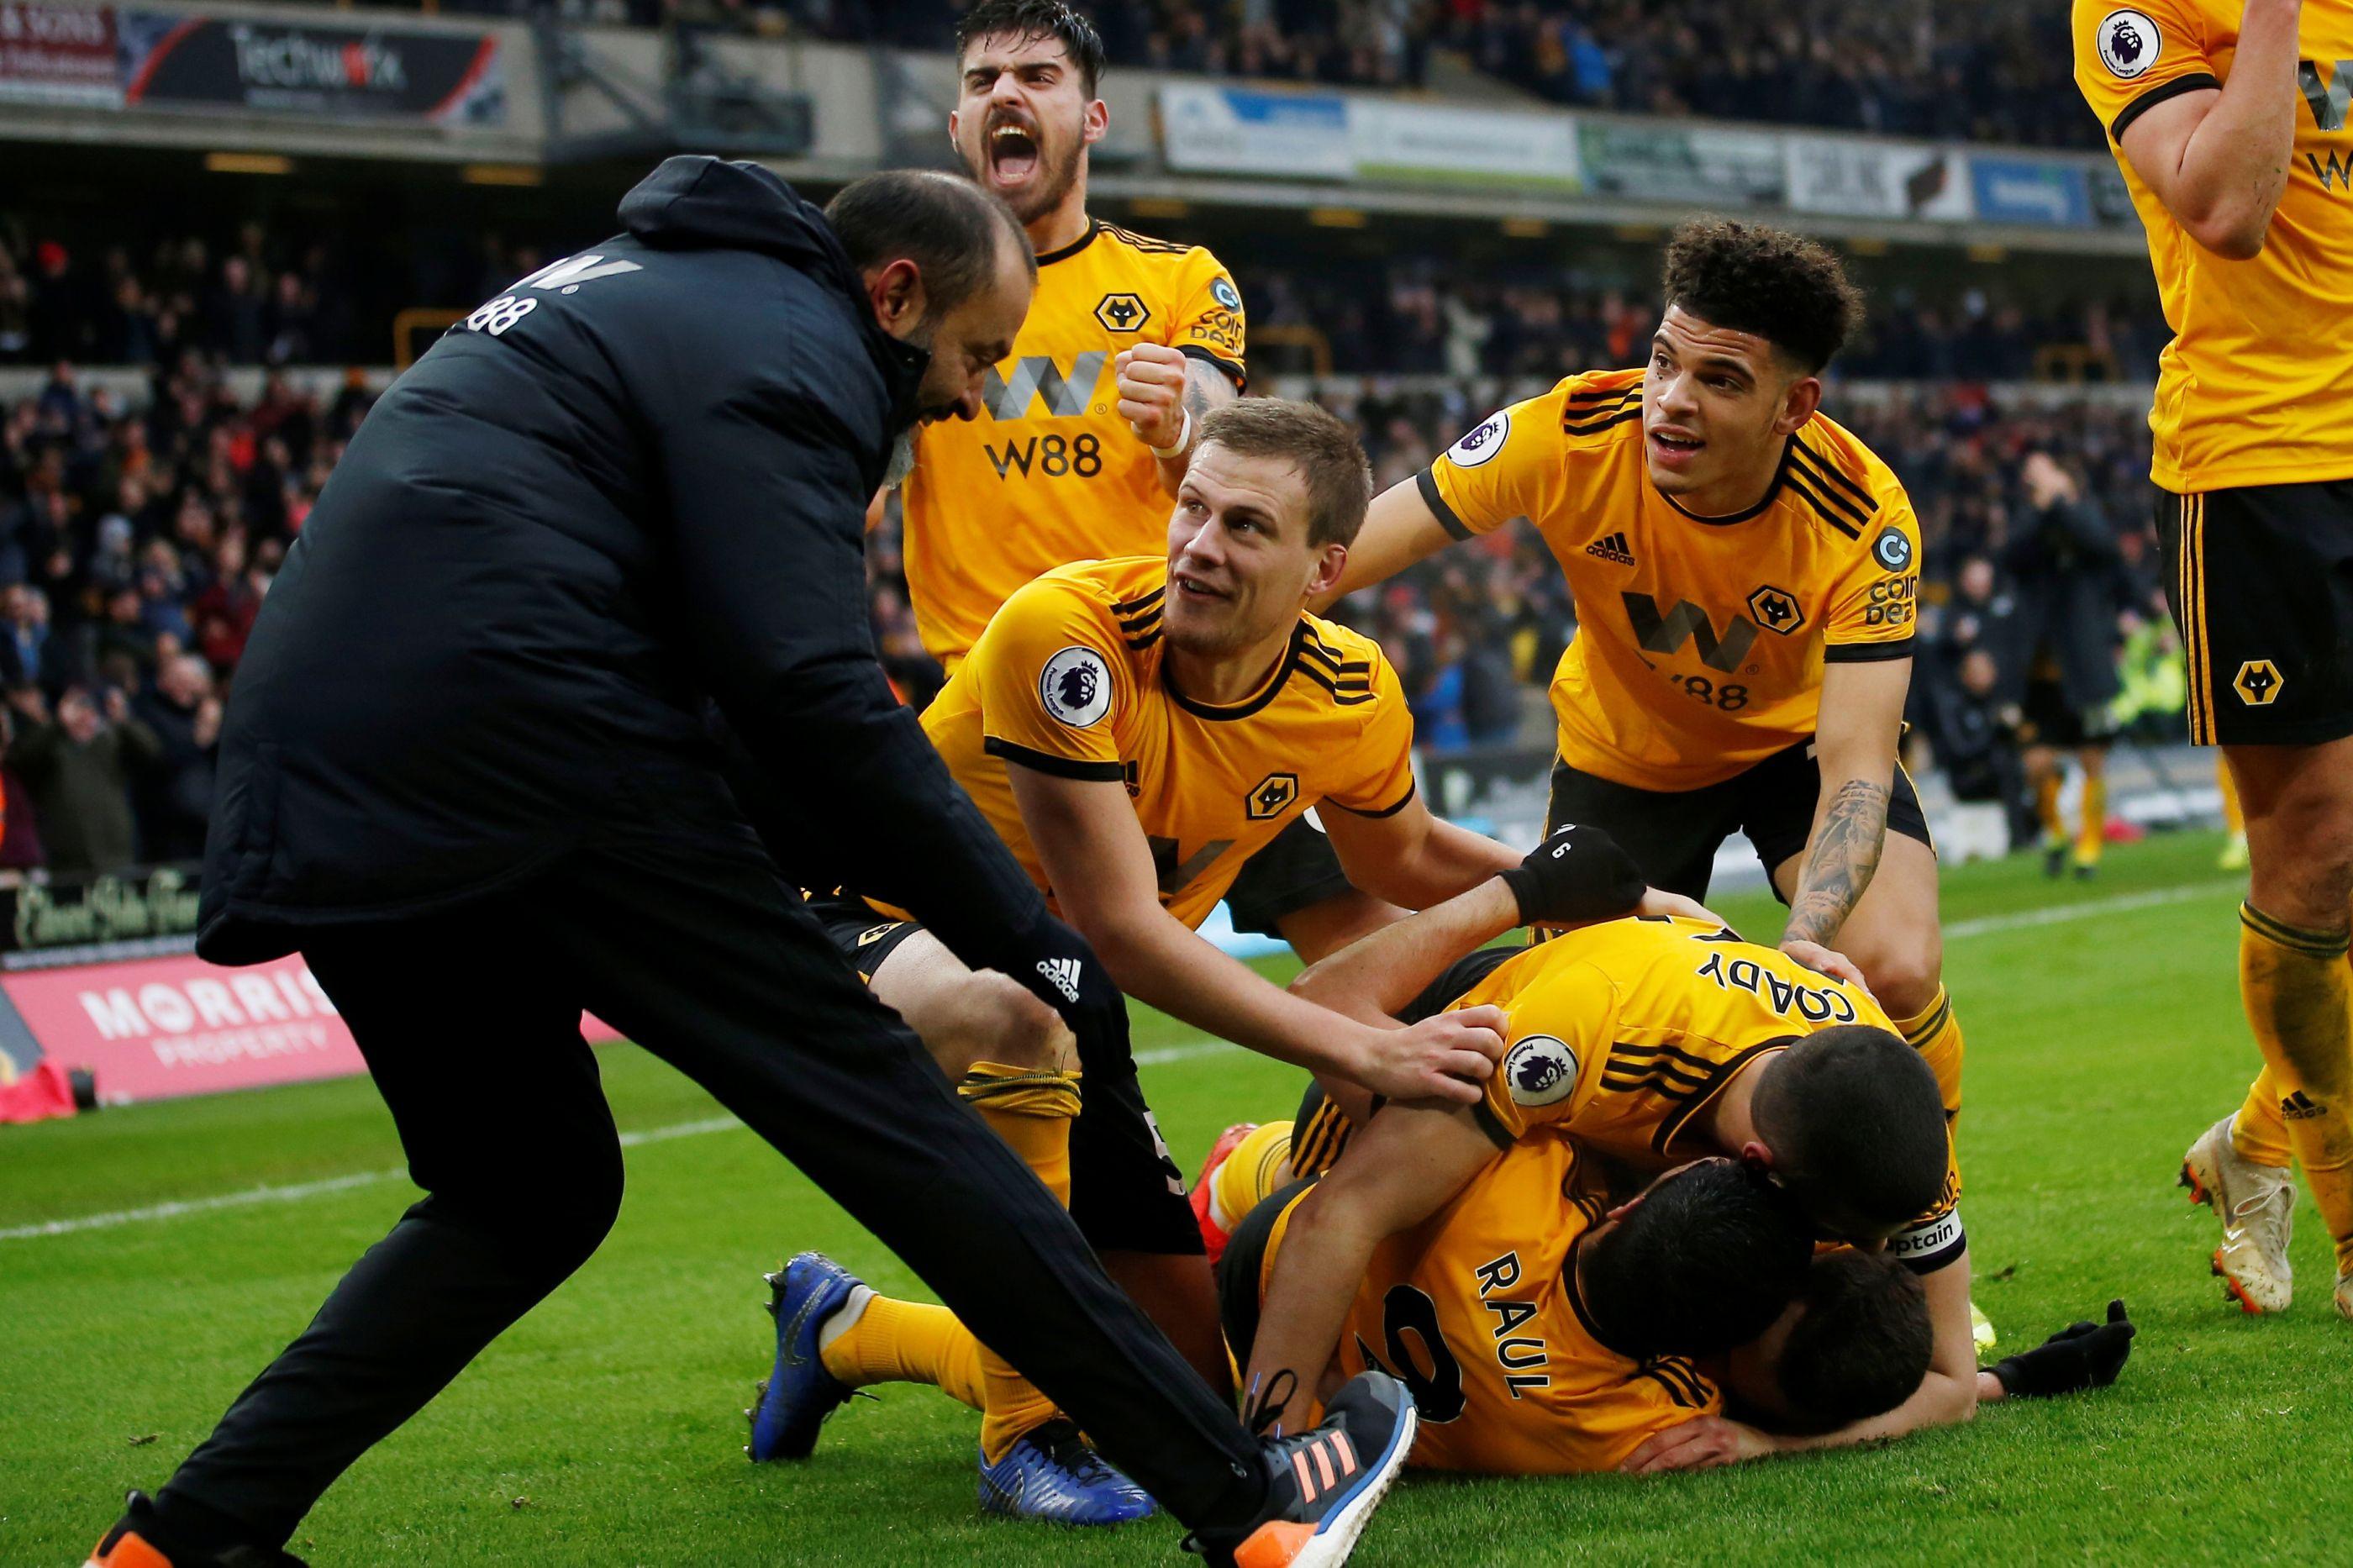 Federação inglesa acusa Nuno de mau comportamento na vitória do Wolves